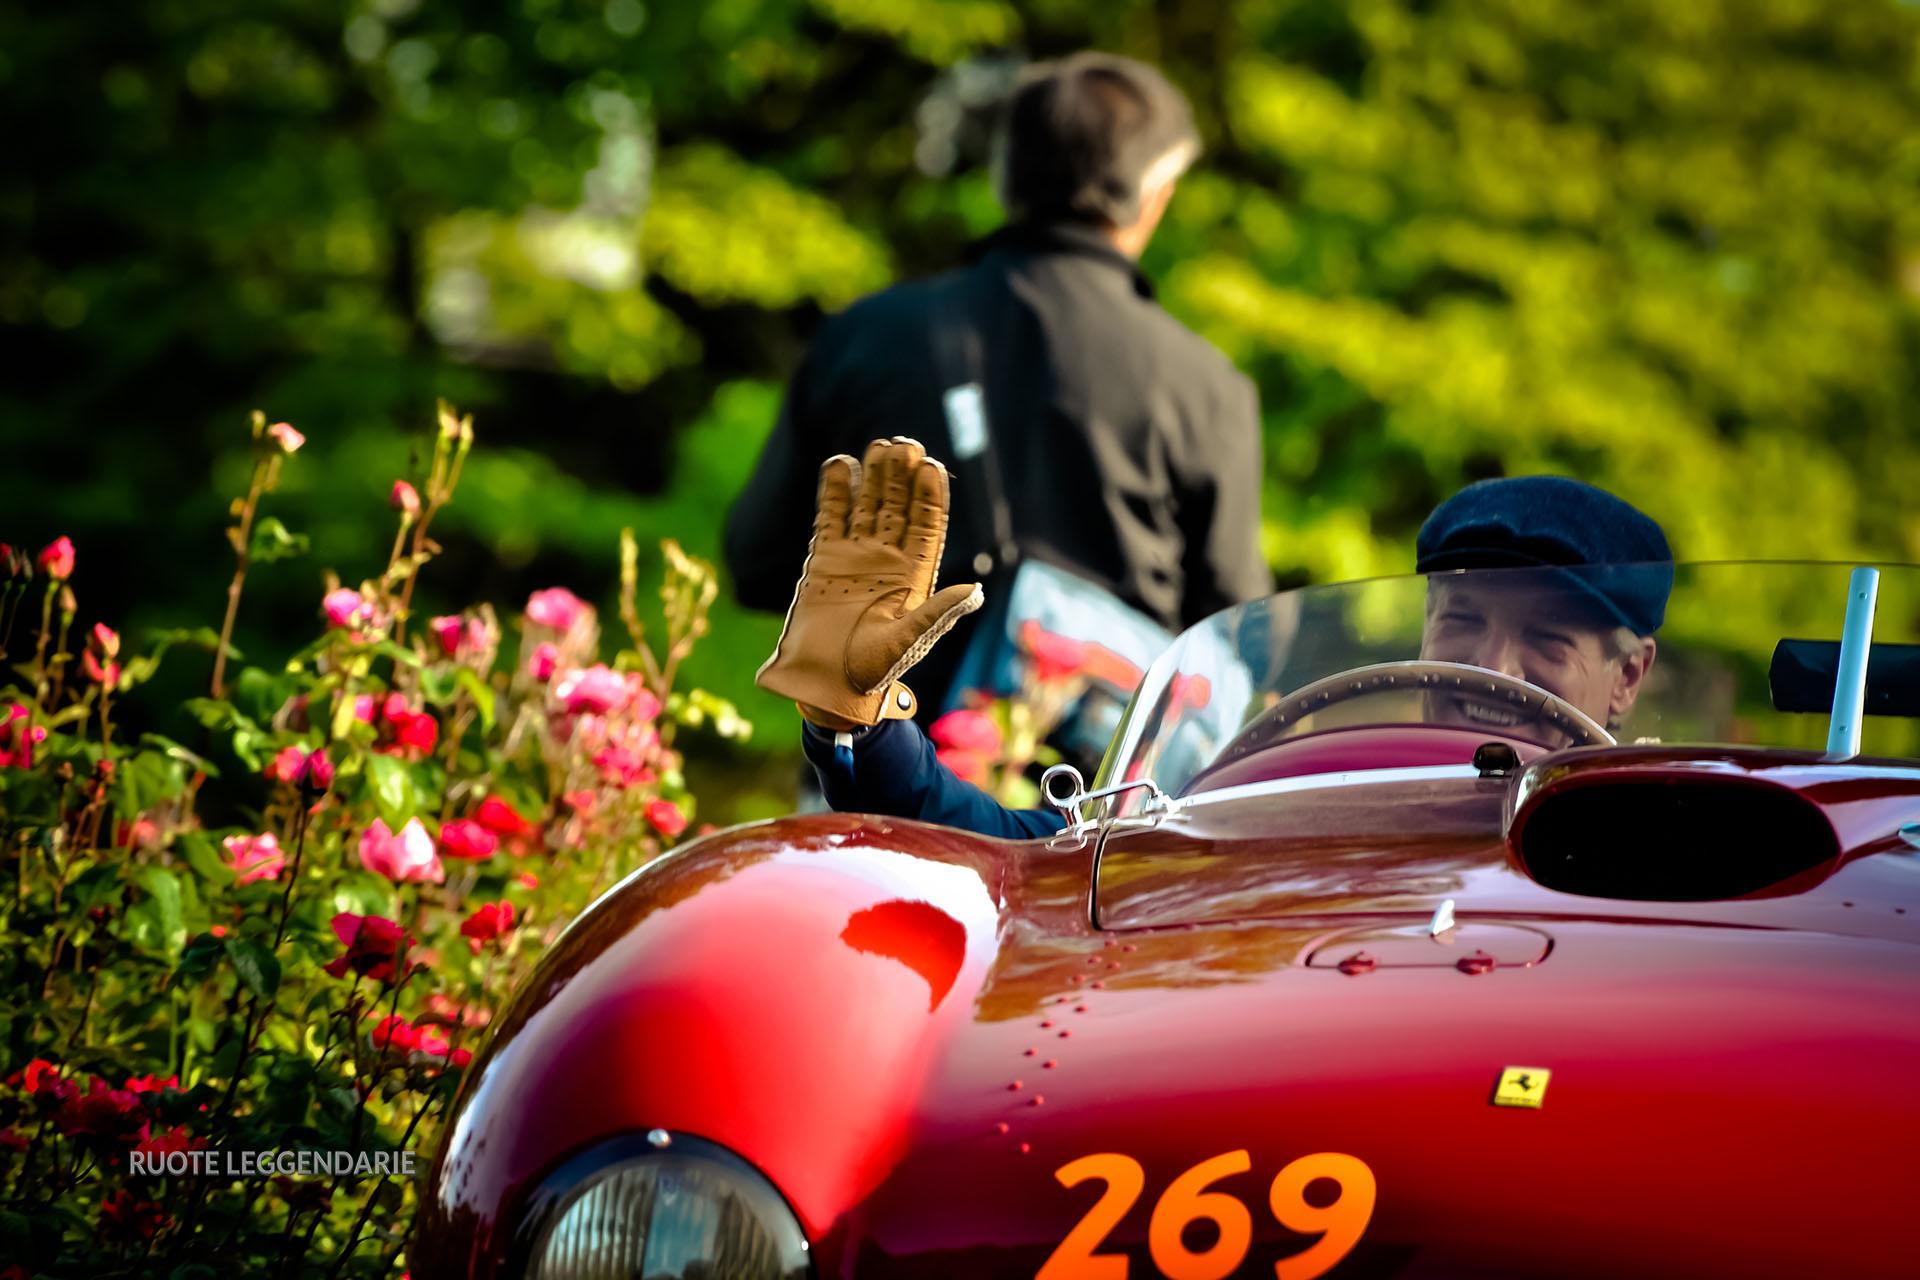 Ruote Leggendarie Tobaldin Ferrari